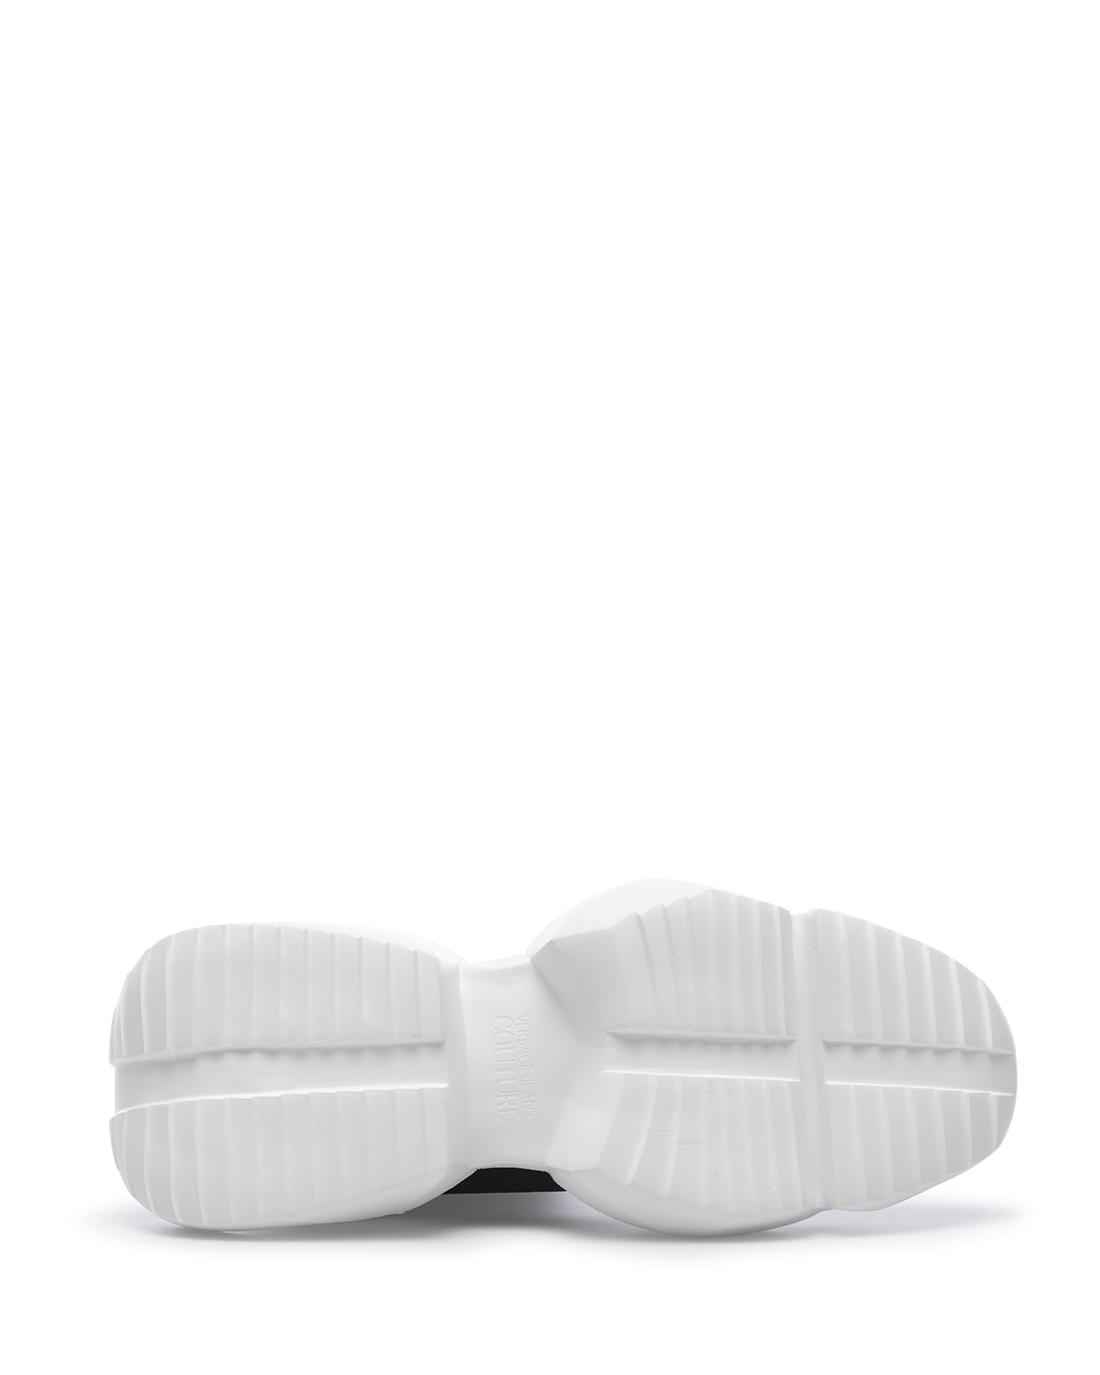 miniature 6 - Sneakers Hommes VERSACE JEANS COUTURE E0YZASU3 71624 M60 Synthétique Noir